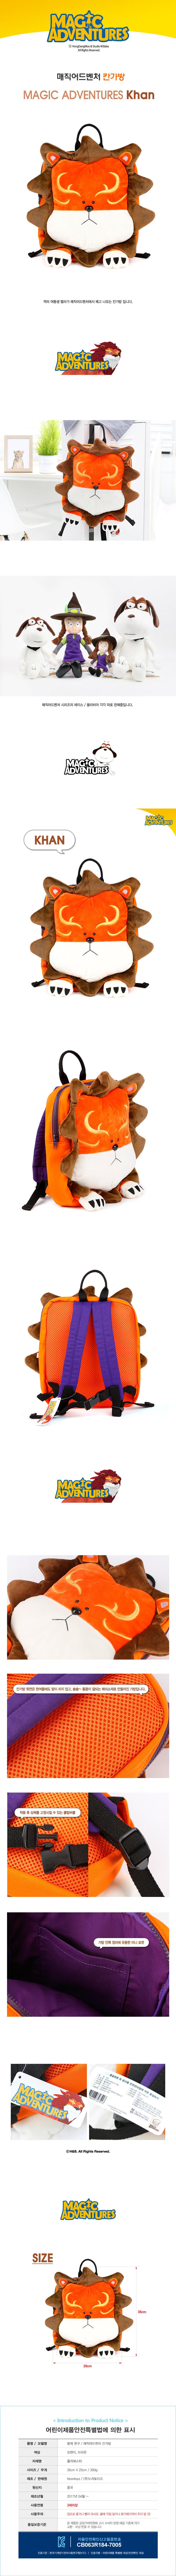 매직어드벤처 칸가방(35cm) - 누리토이즈, 26,100원, 가방, 백팩